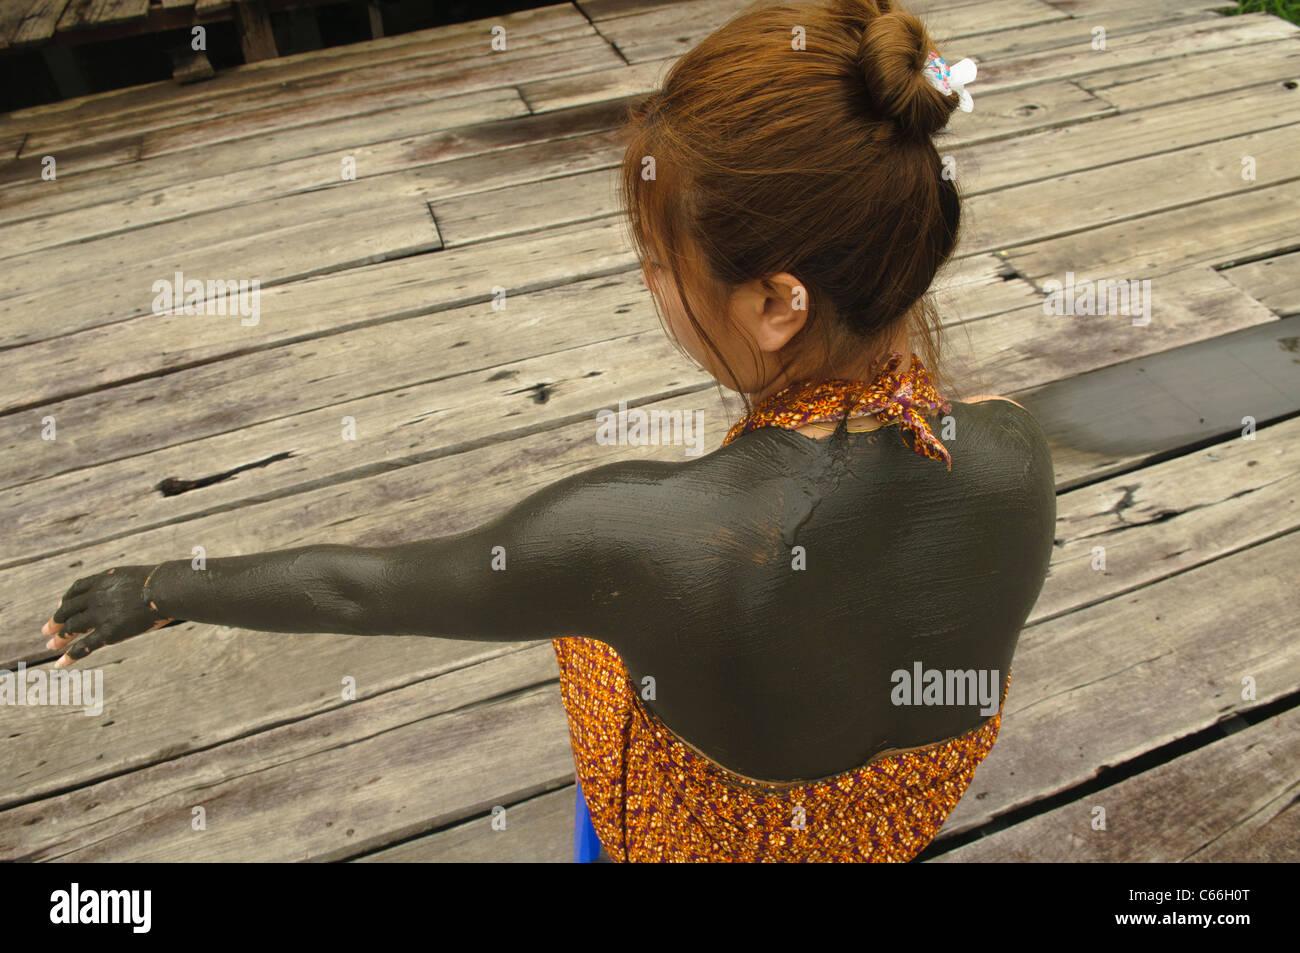 Thai Frau genießen eine Heilschlamm-Behandlung im Phu Liebenberg Schlamm Spa in Mae Hong Son, Thailand Stockbild